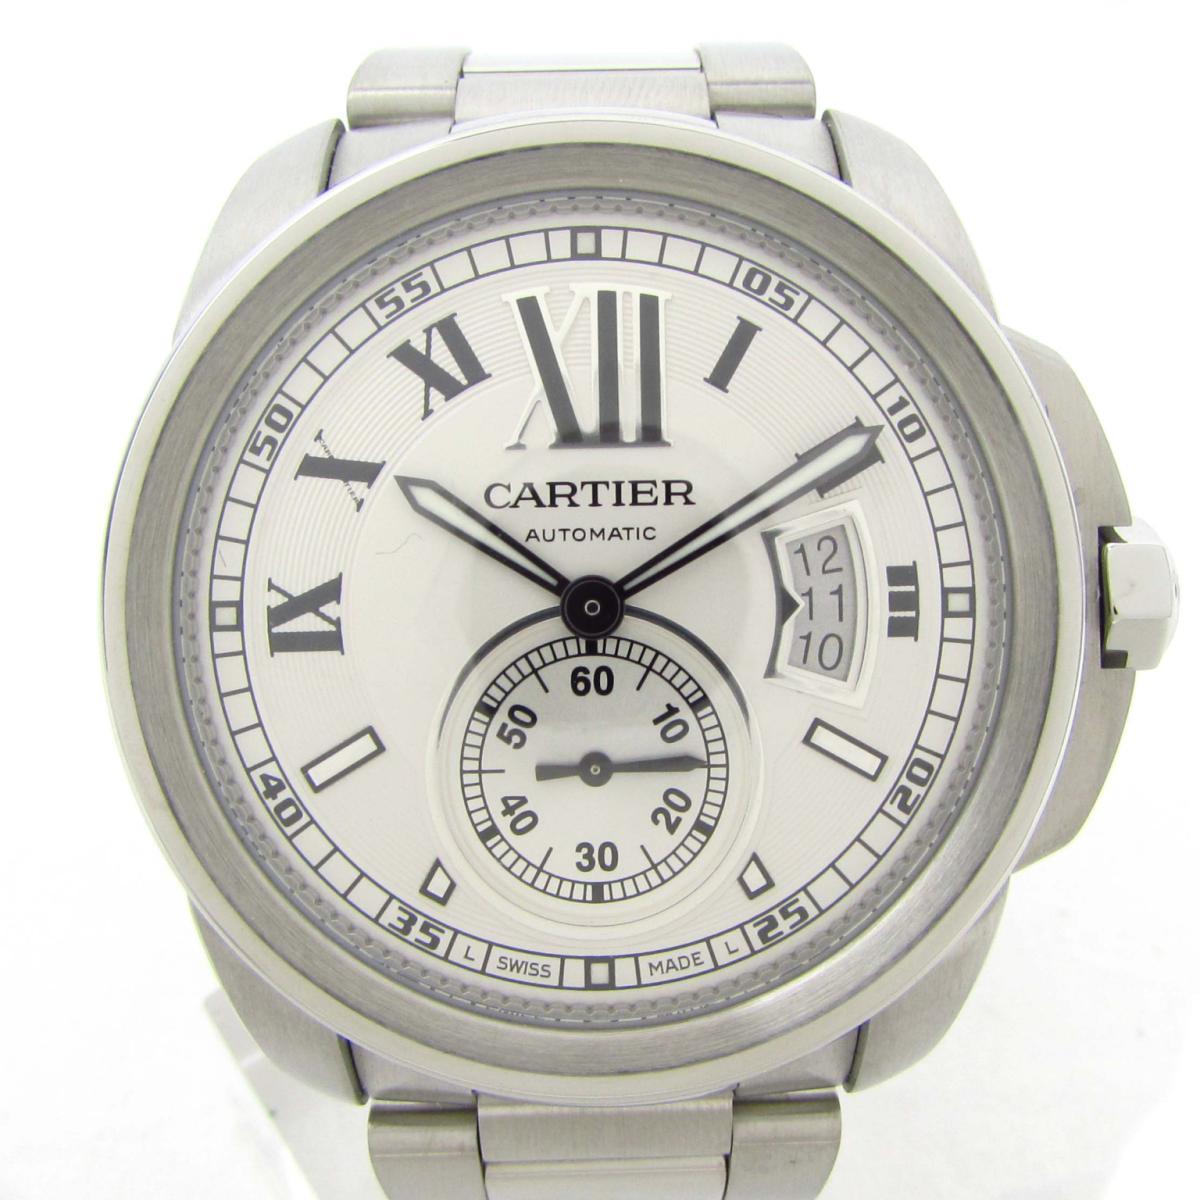 【中古】 カルティエ カリブル ドゥ ウォッチ 腕時計 メンズ ステンレススチール (SS) (W7100015) | Cartier BRANDOFF ブランドオフ ブランド ブランド時計 ブランド腕時計 時計